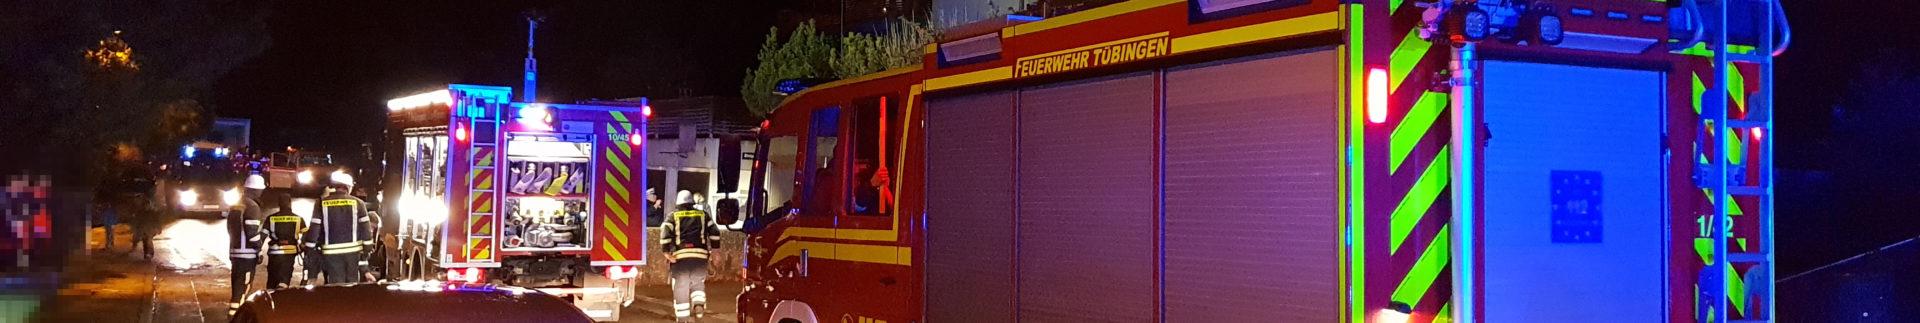 Feuerwehr Tübingen Einsatzabteilung Unterjesingen